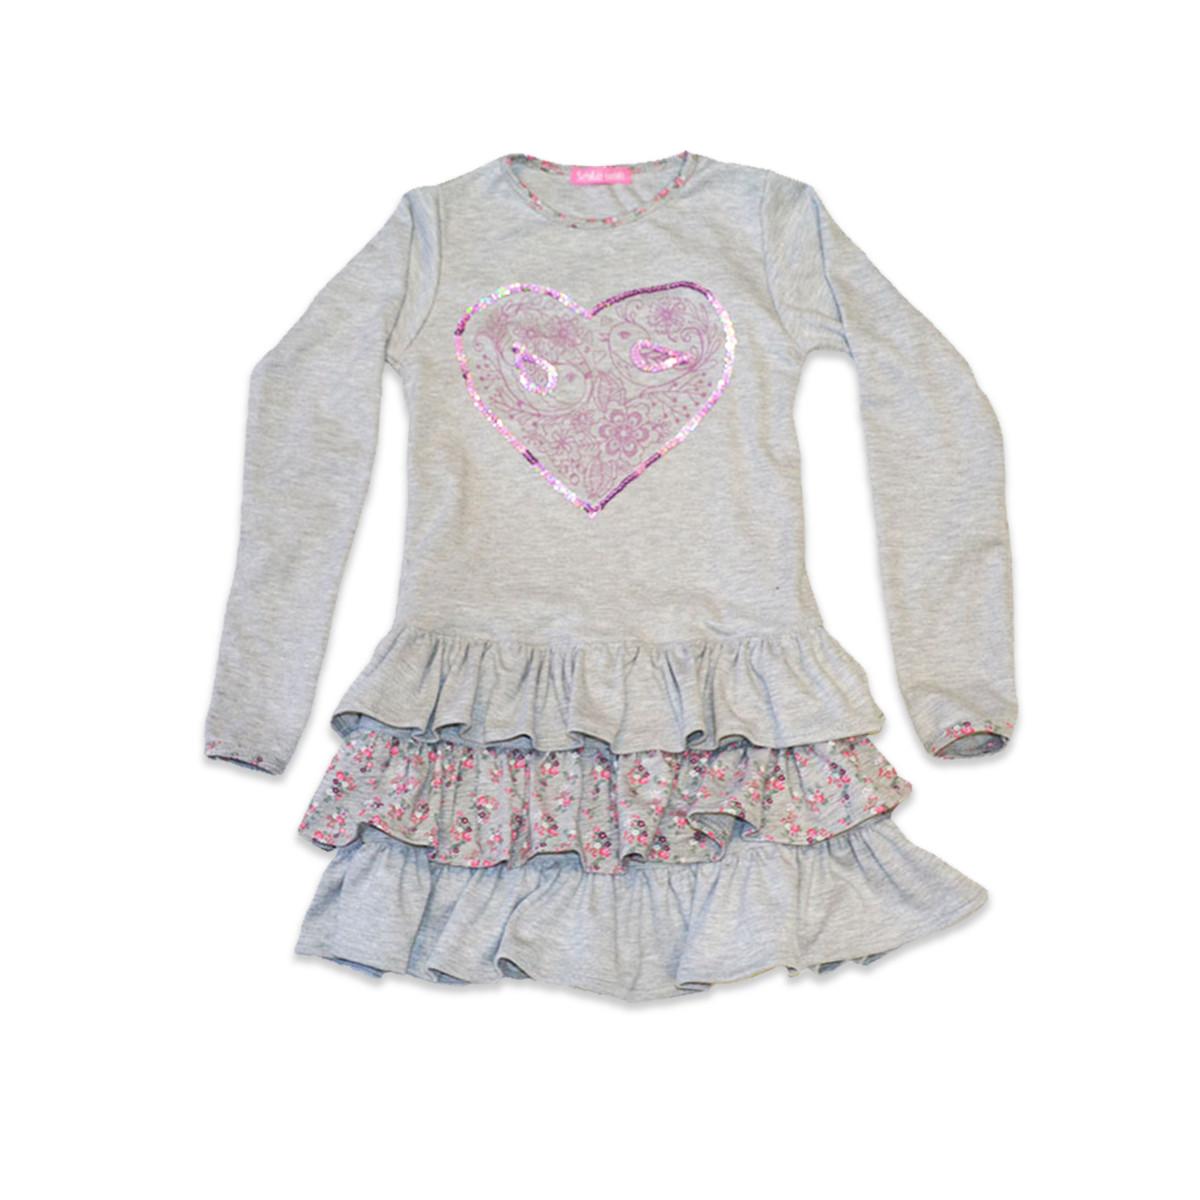 Платье трикотажное для девочки  SmileTime Love Bird, серое